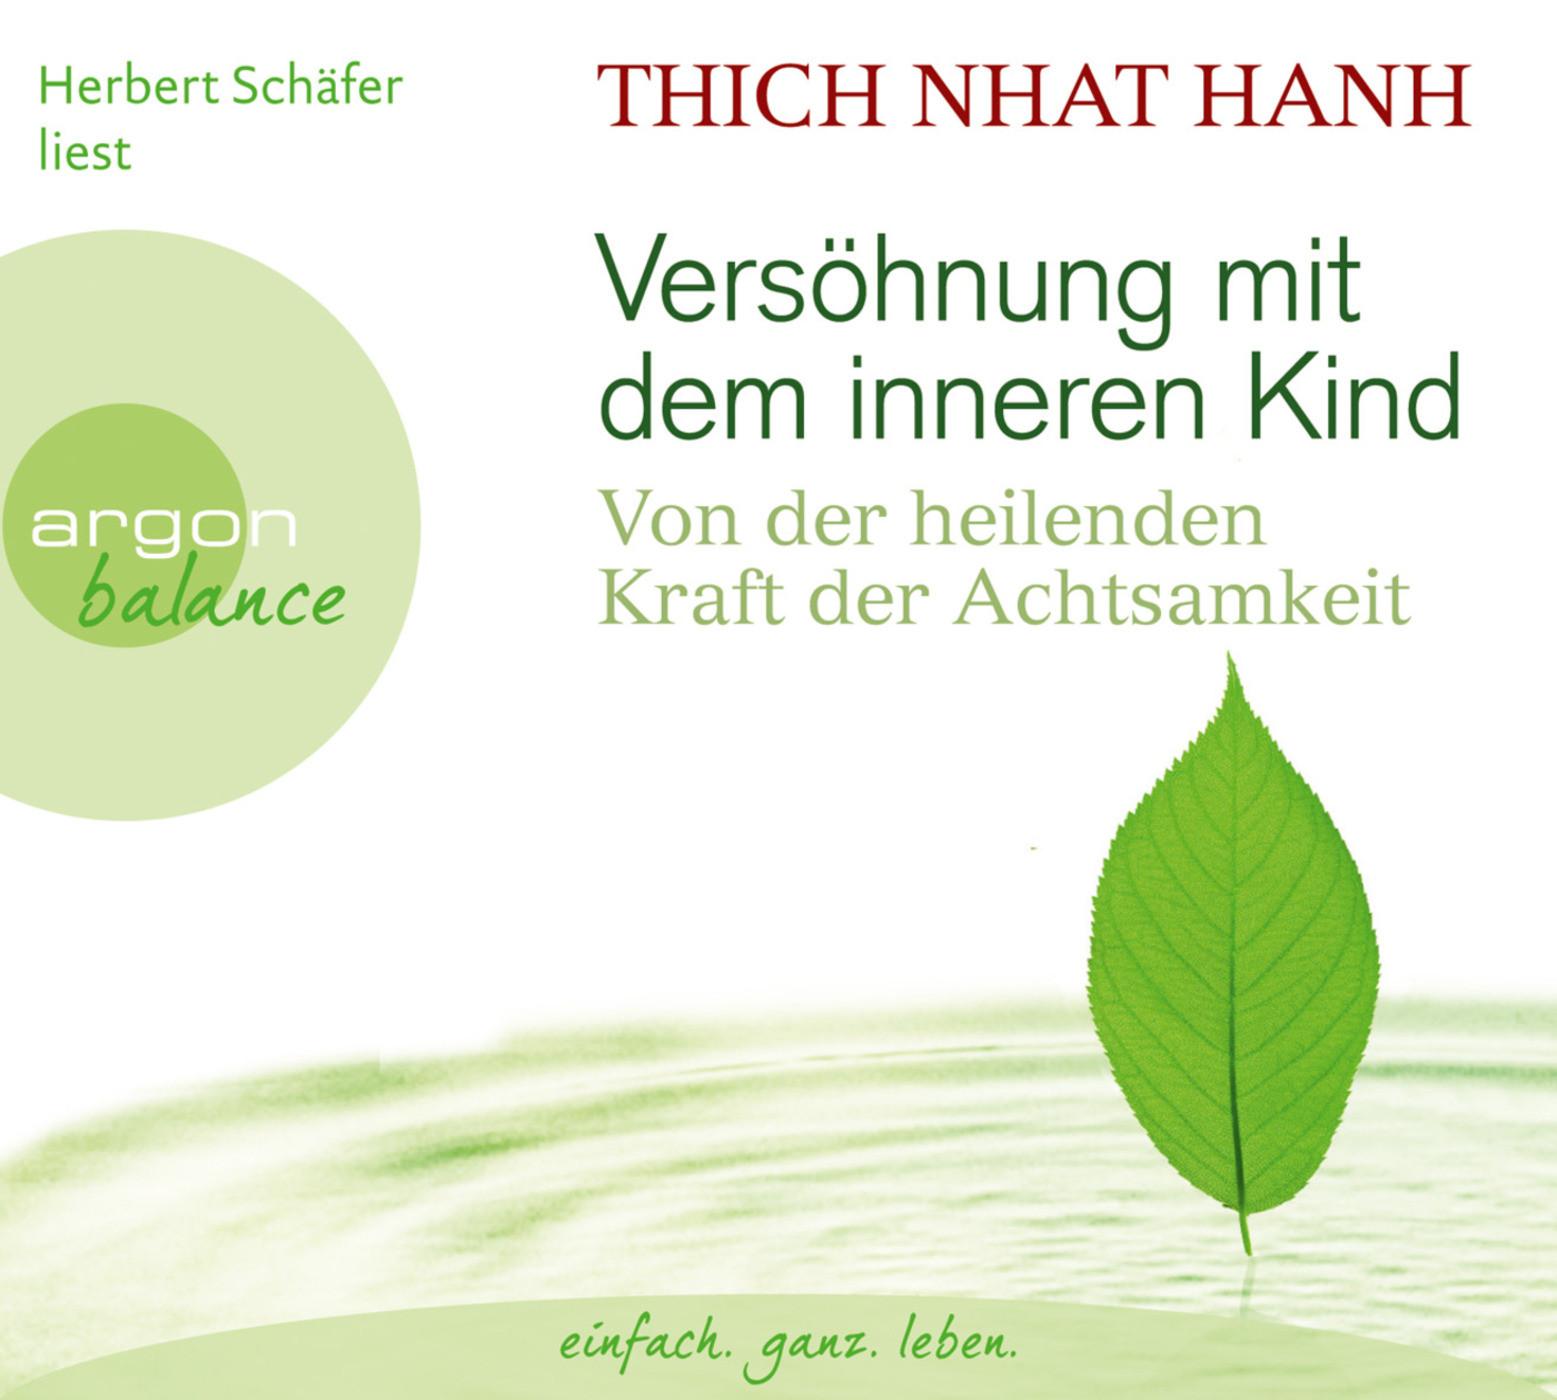 Thich Nhat Hanh - Versöhnung mit dem inneren Kind